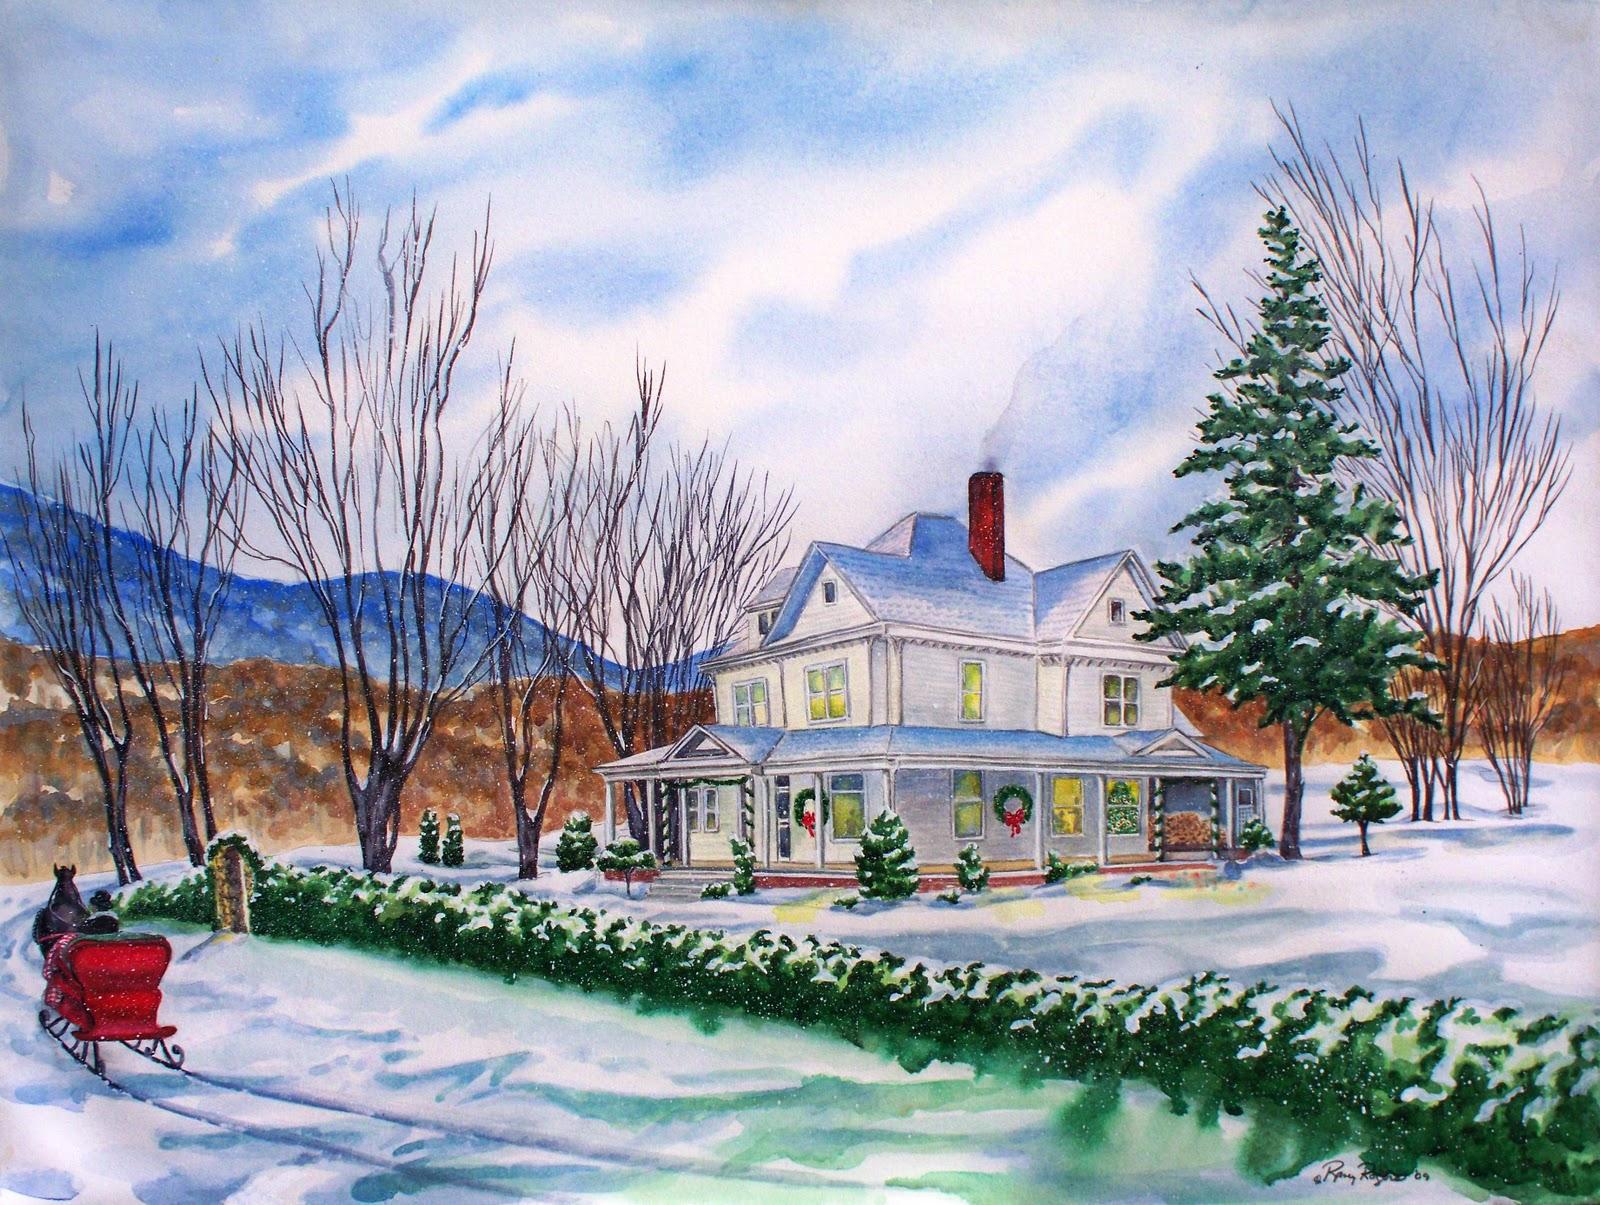 Christmas house painting - Christmas Poster House Painting Christmas Poster